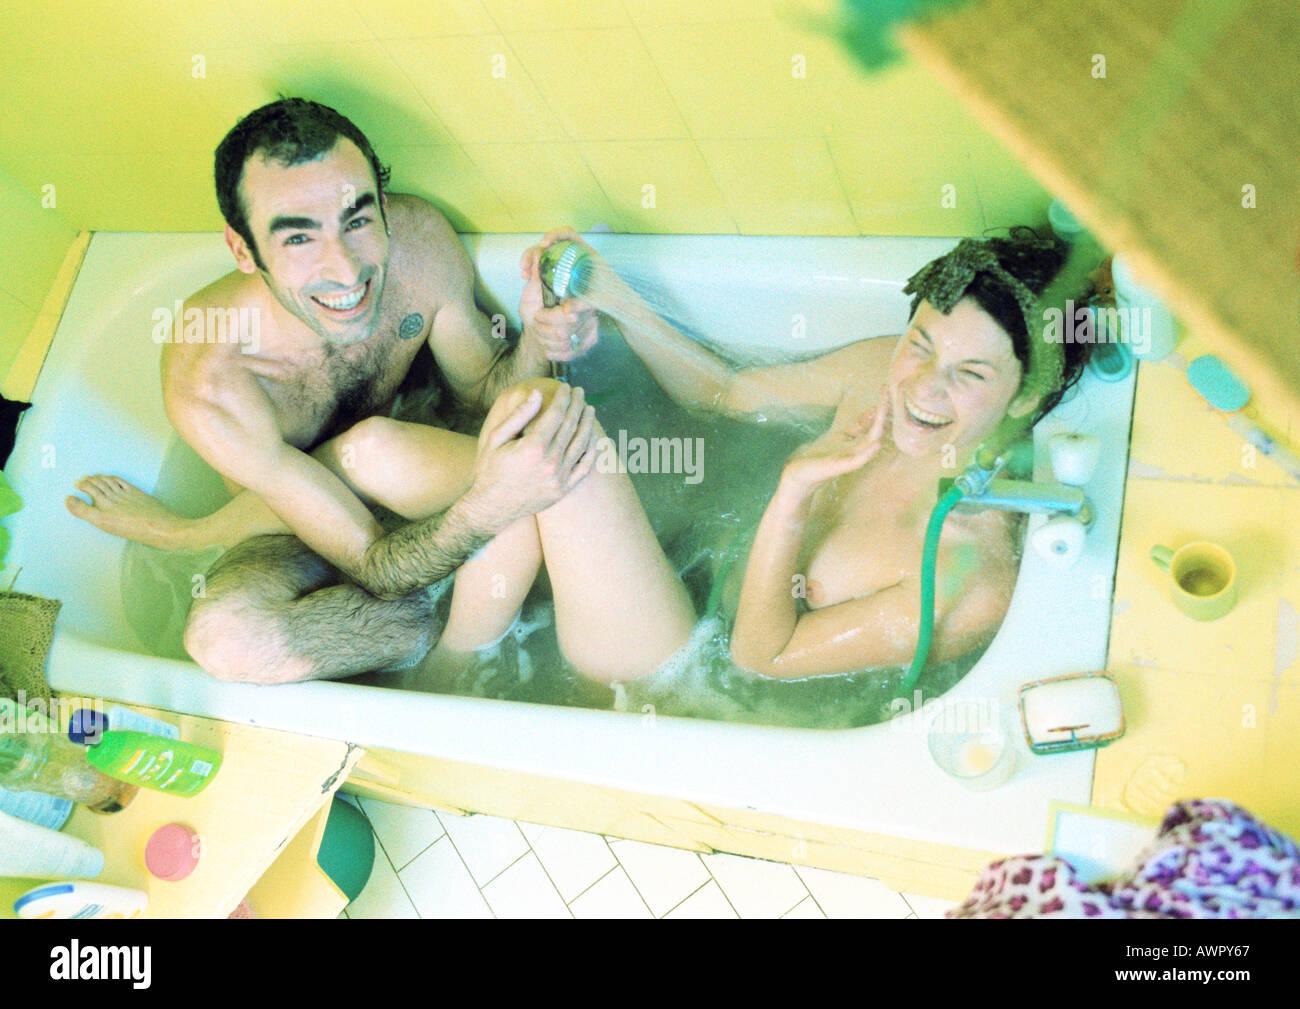 Couple jouant dans une baignoire, high angle view. Banque D'Images